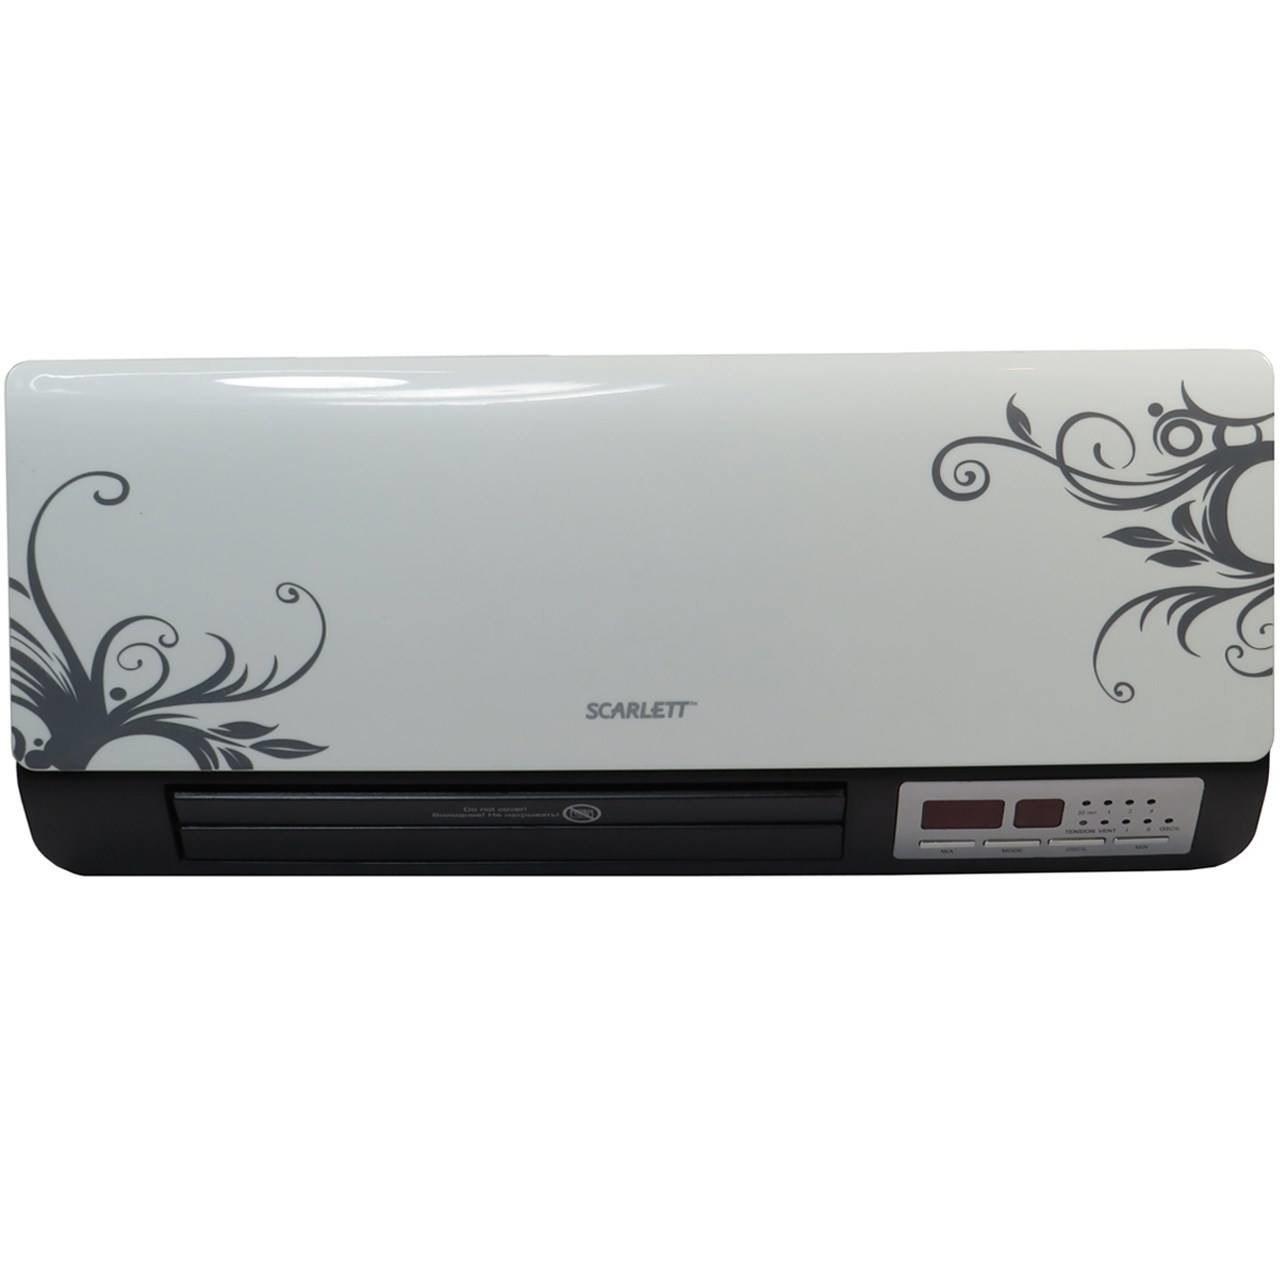 بخاری سرامیکی فن دار اسکارلت مدل SC-FH53K04 | scarlett SC-FH53K04 Ceramic fan heater